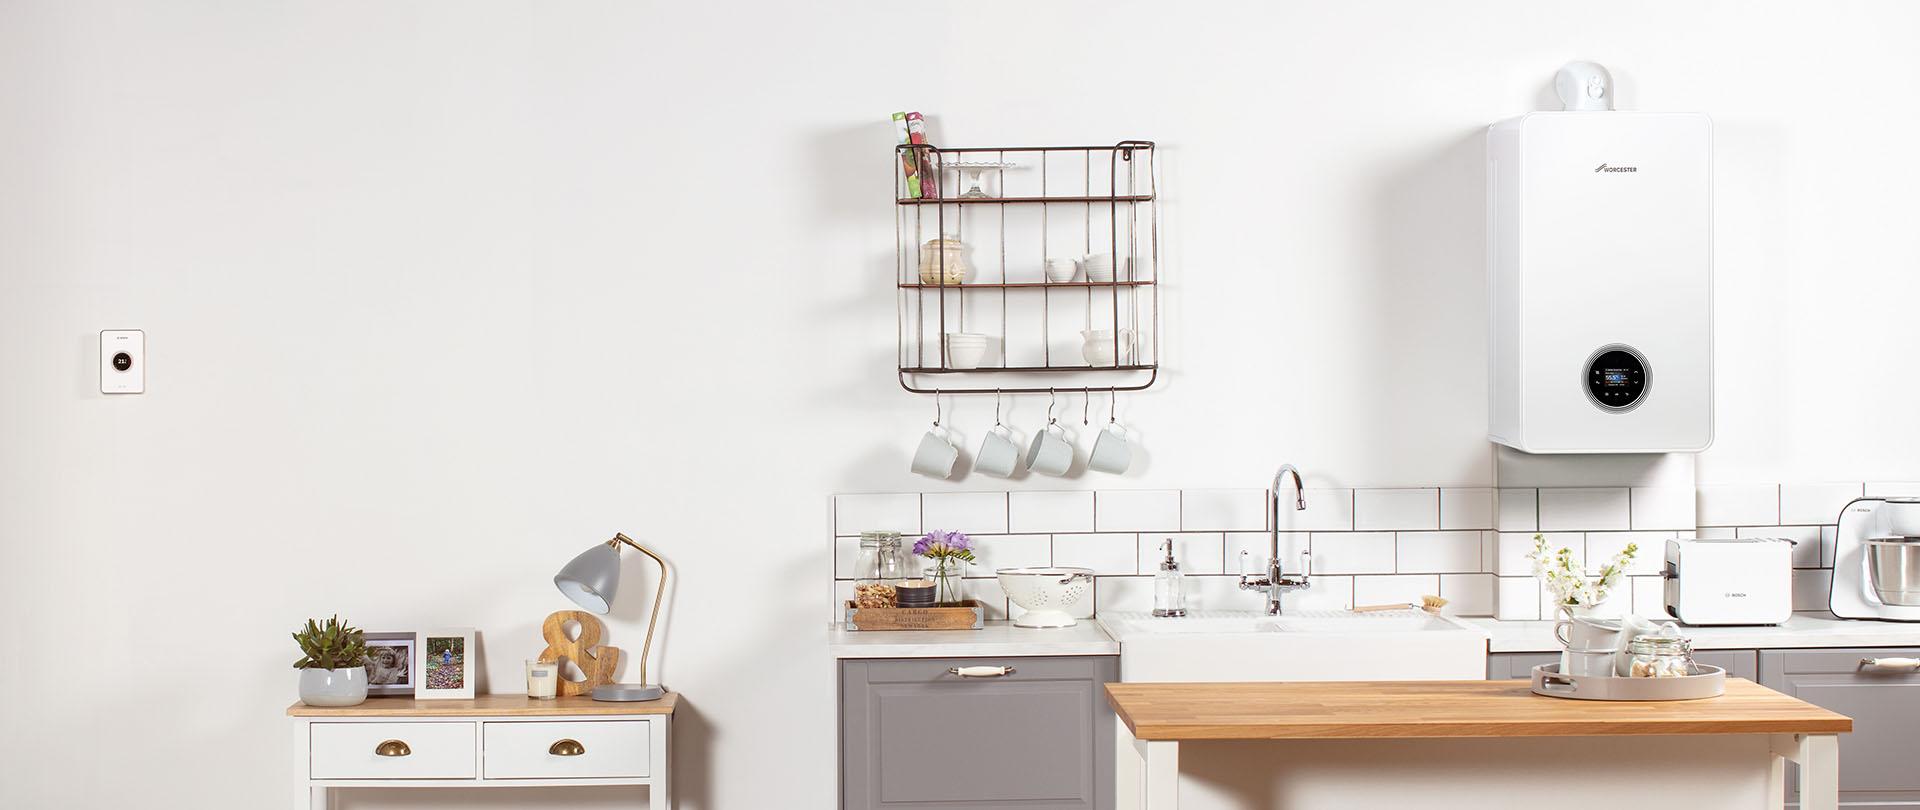 Worcester Bosch Greenstar 4000 in kitchen